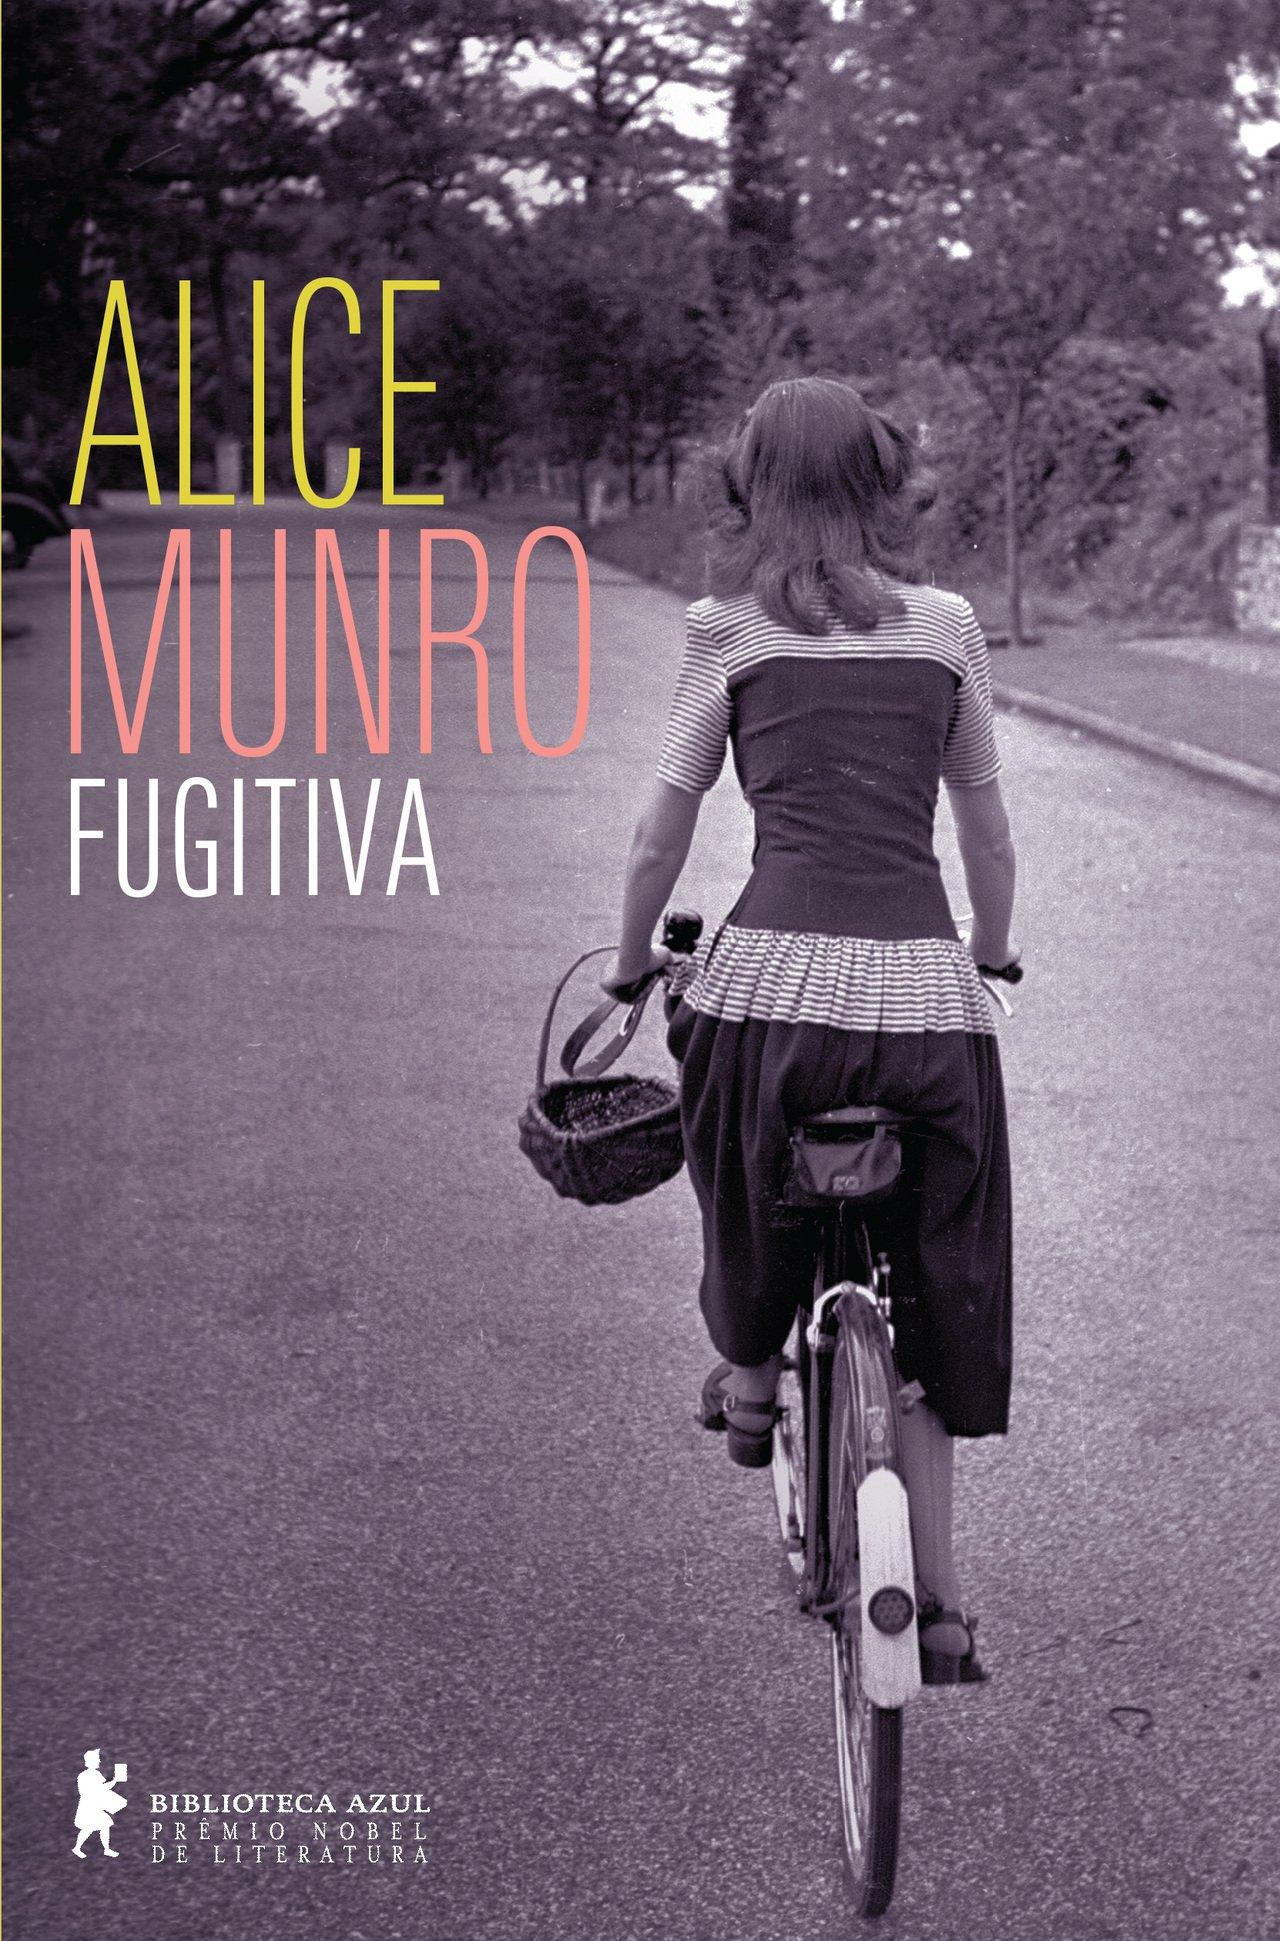 capa do livro Fugitiva de Alice Munro. (crédito: divulgação)